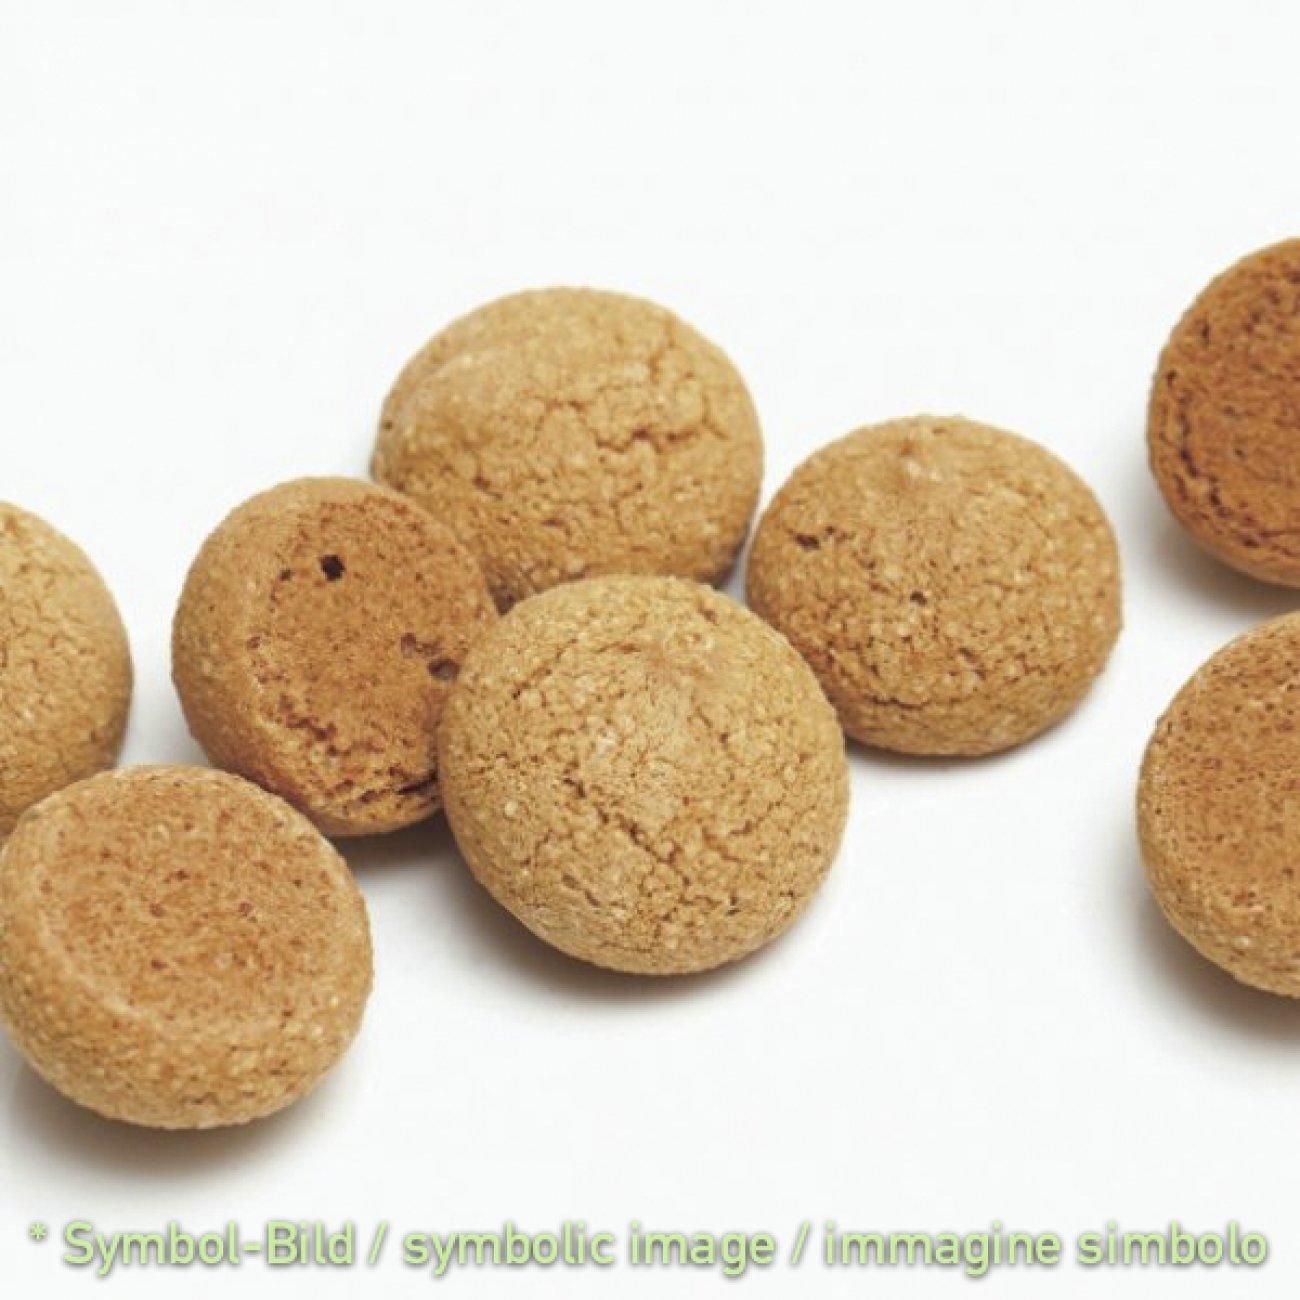 Amaretto - Streusel, grob / granella d'amaretto - Karton 4 kg - Eisbecher Dekor Garnier Artikel